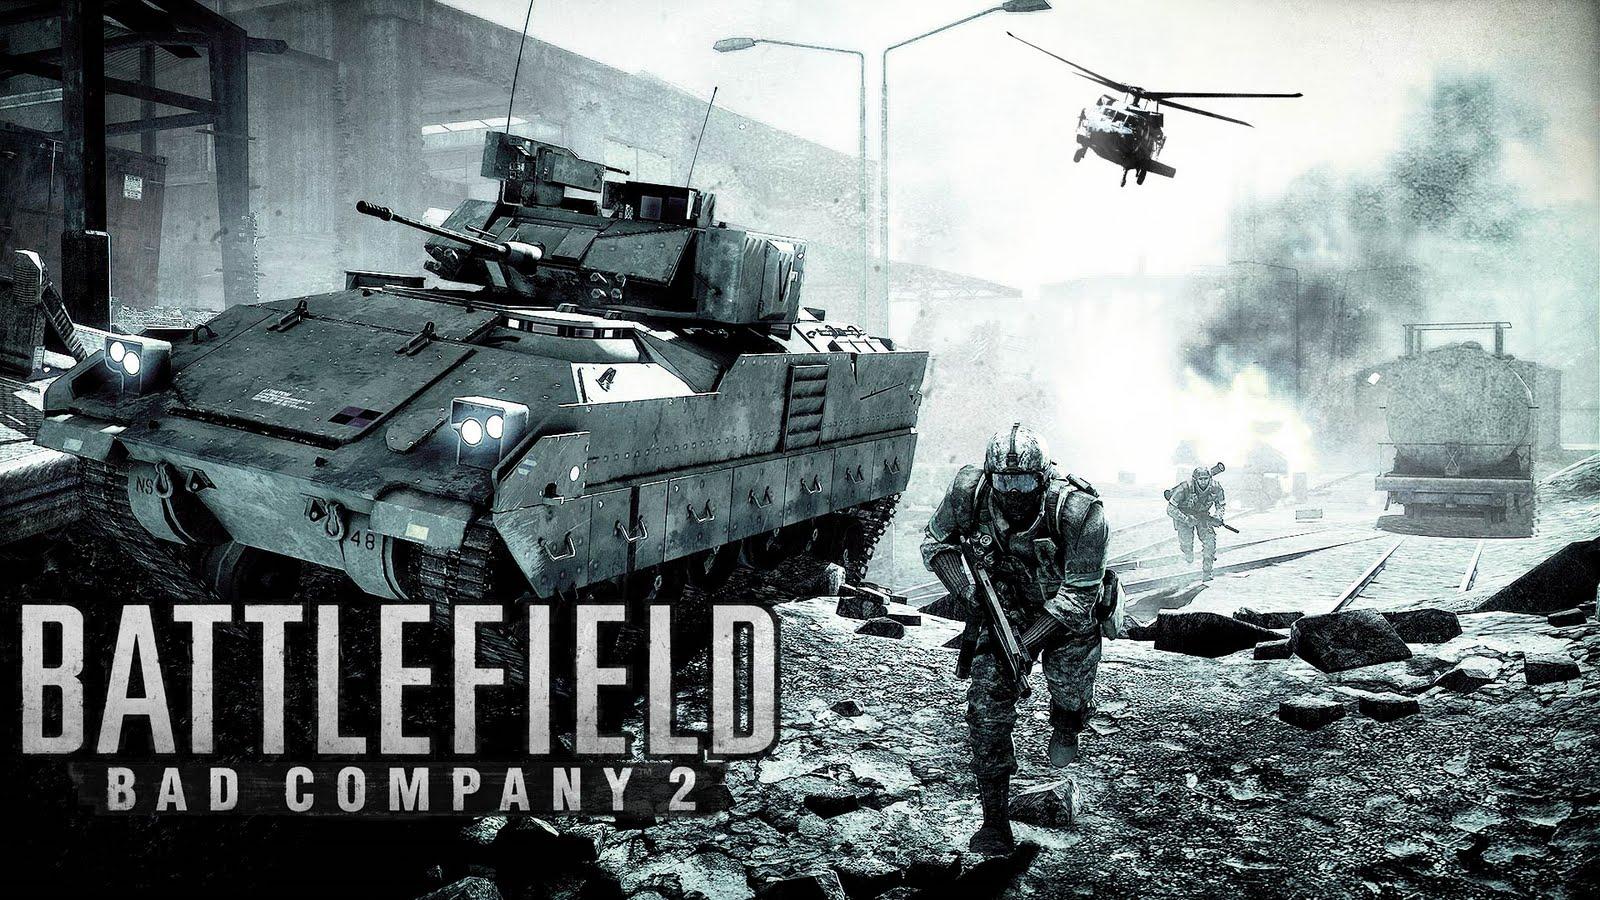 http://3.bp.blogspot.com/-JOyYSxu-Vh8/TntGKNQCxWI/AAAAAAAAAHU/v6BRx9mq3dE/s1600/battlefield-bad-company-2-wallpaper-1.jpg